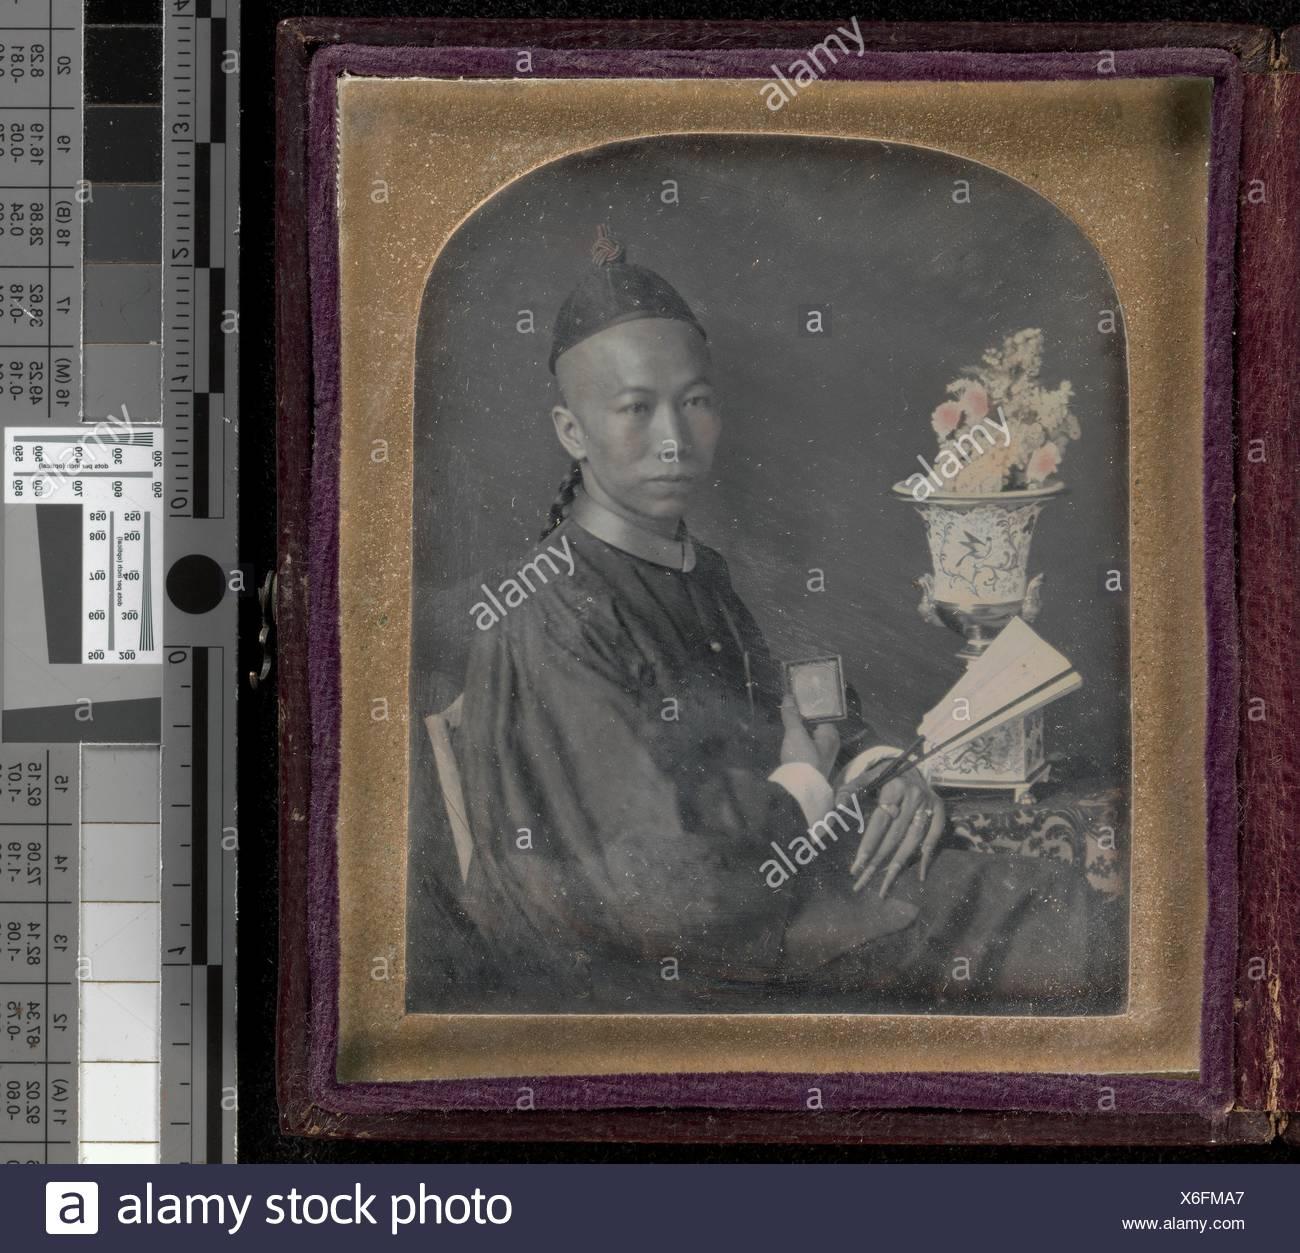 Daguerreotype dating